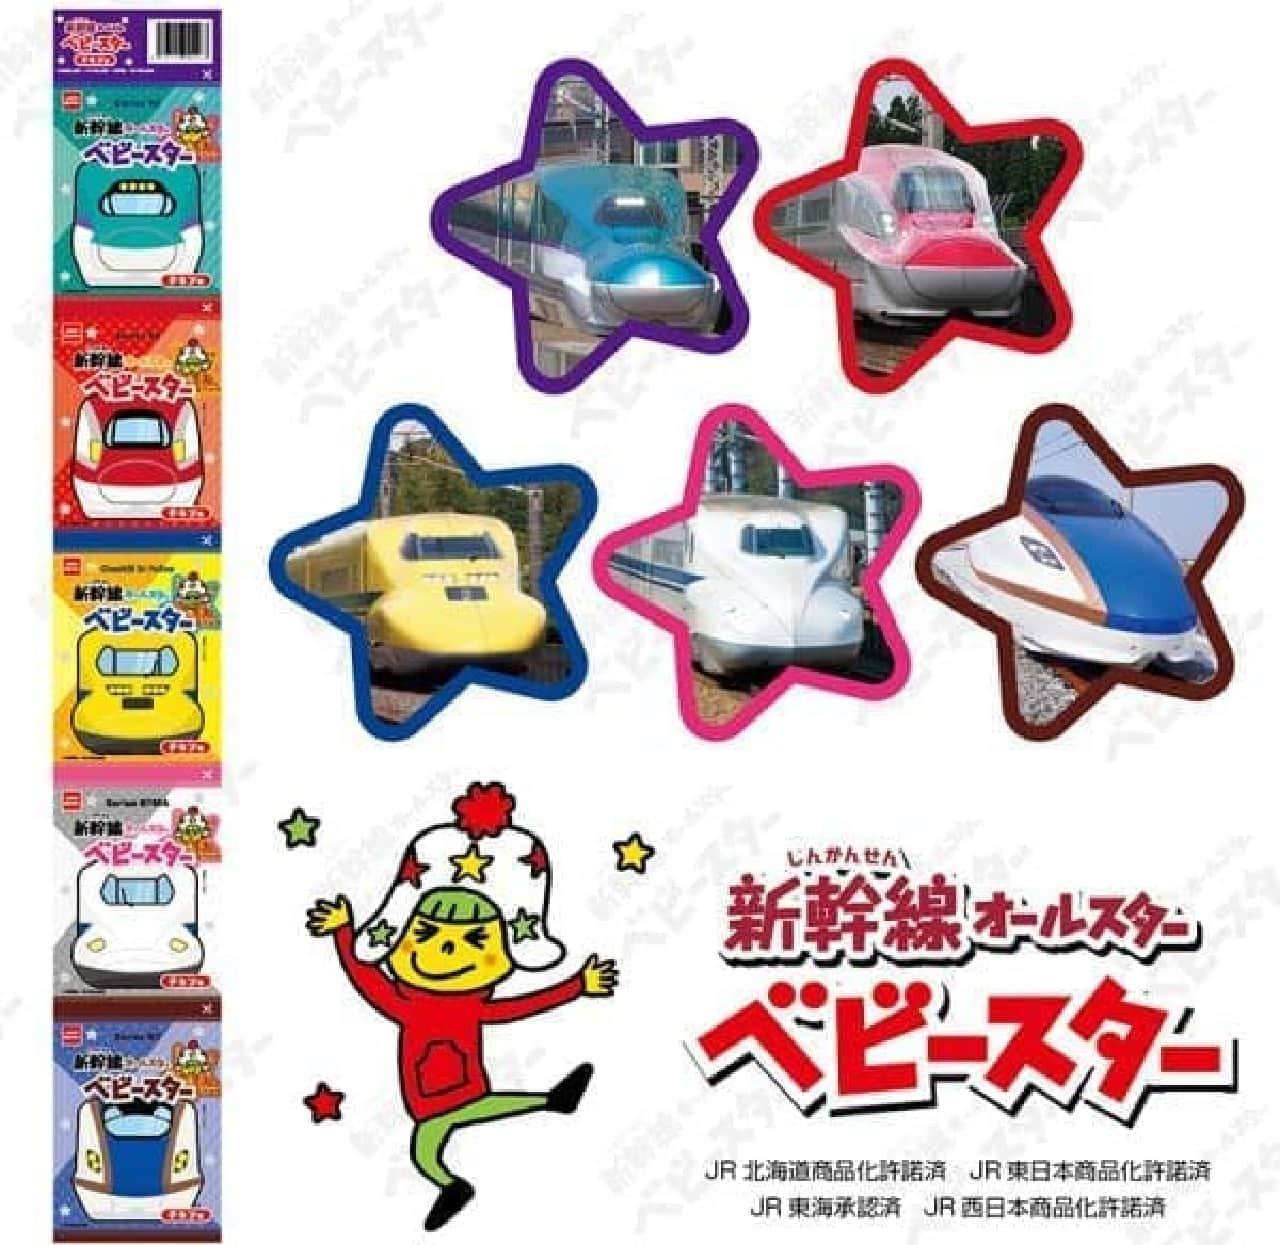 「新幹線オールスターベビースター」はスナック菓子『ベビースターラーメン』とJR4社の人気新幹線がコラボしたお菓子